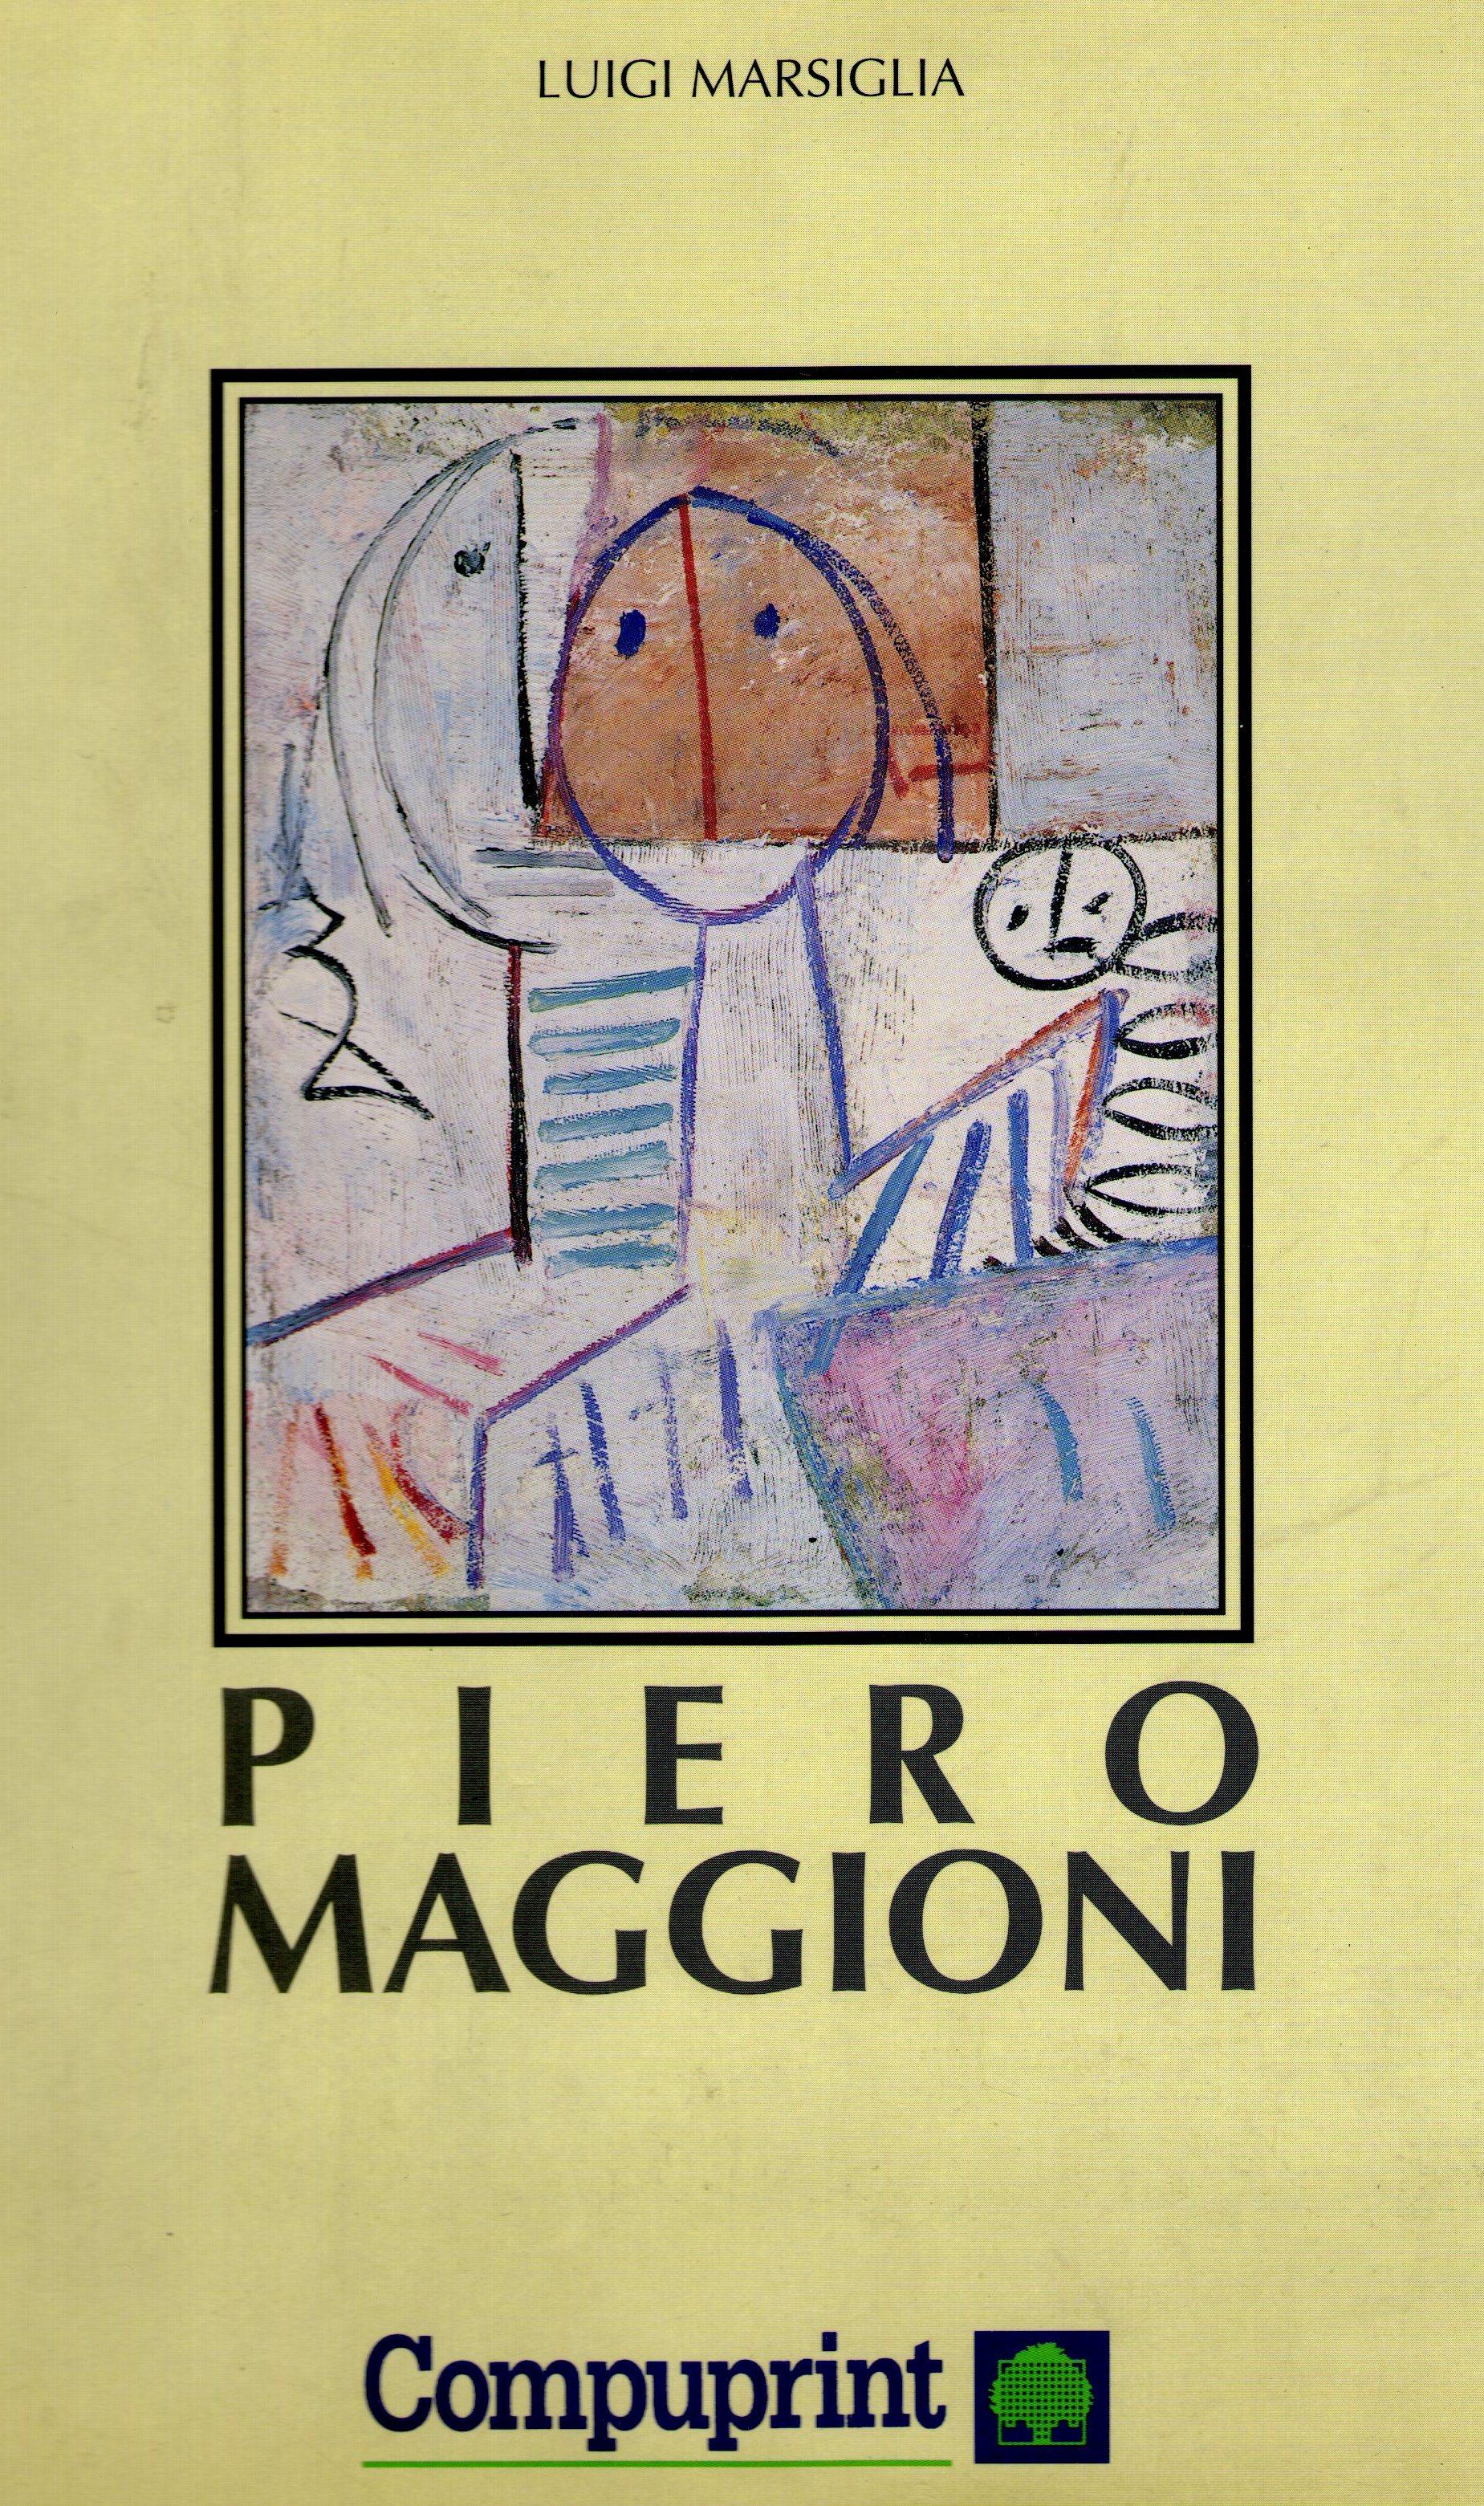 Piero Maggioni